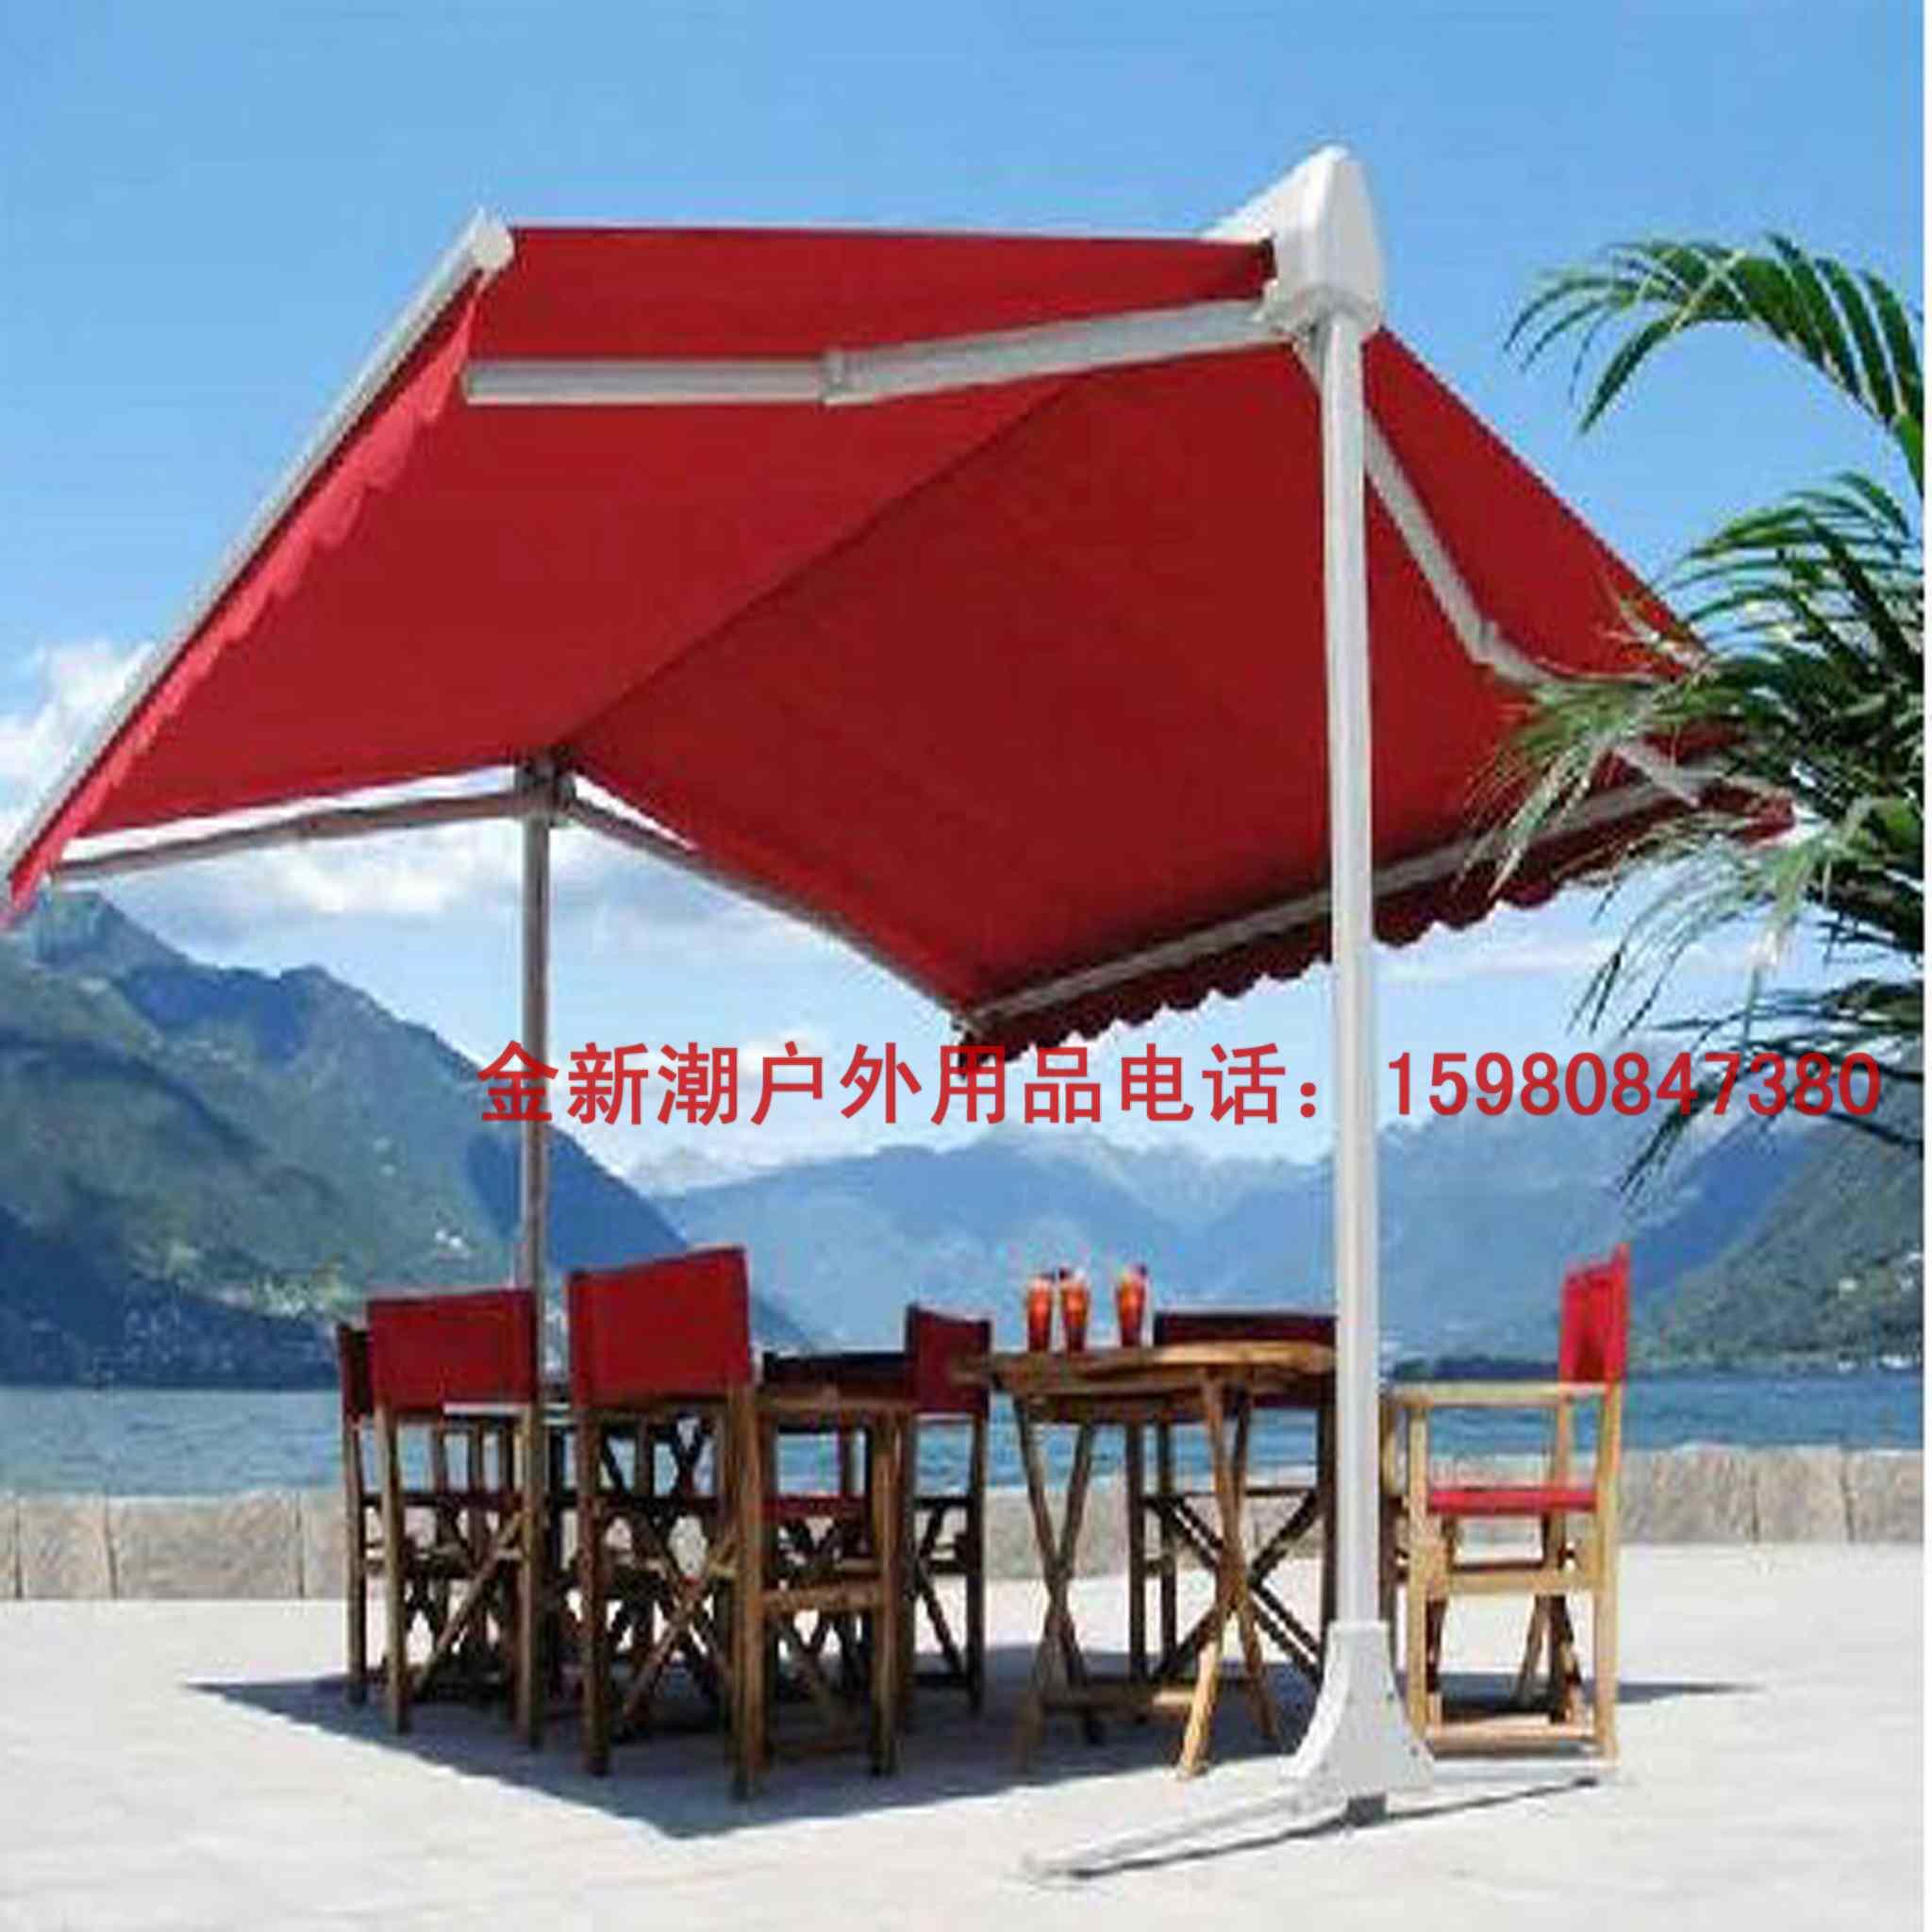 遮阳篷代理加盟|哪里有供应高质量的厦门伸缩遮阳篷